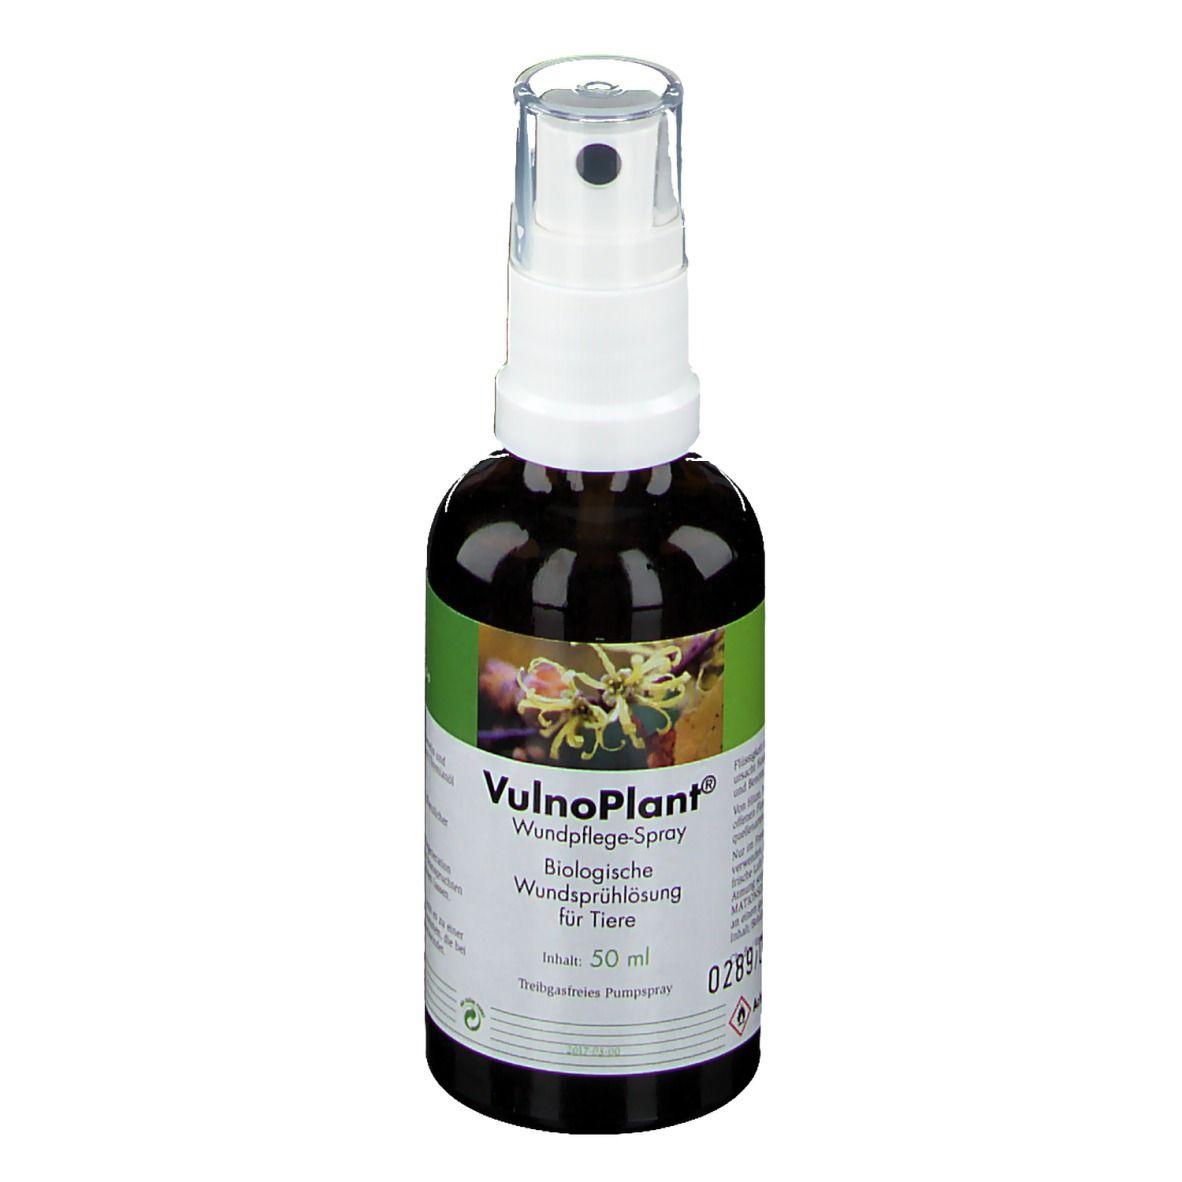 VulnoPlant® Pflegespray für Tiere